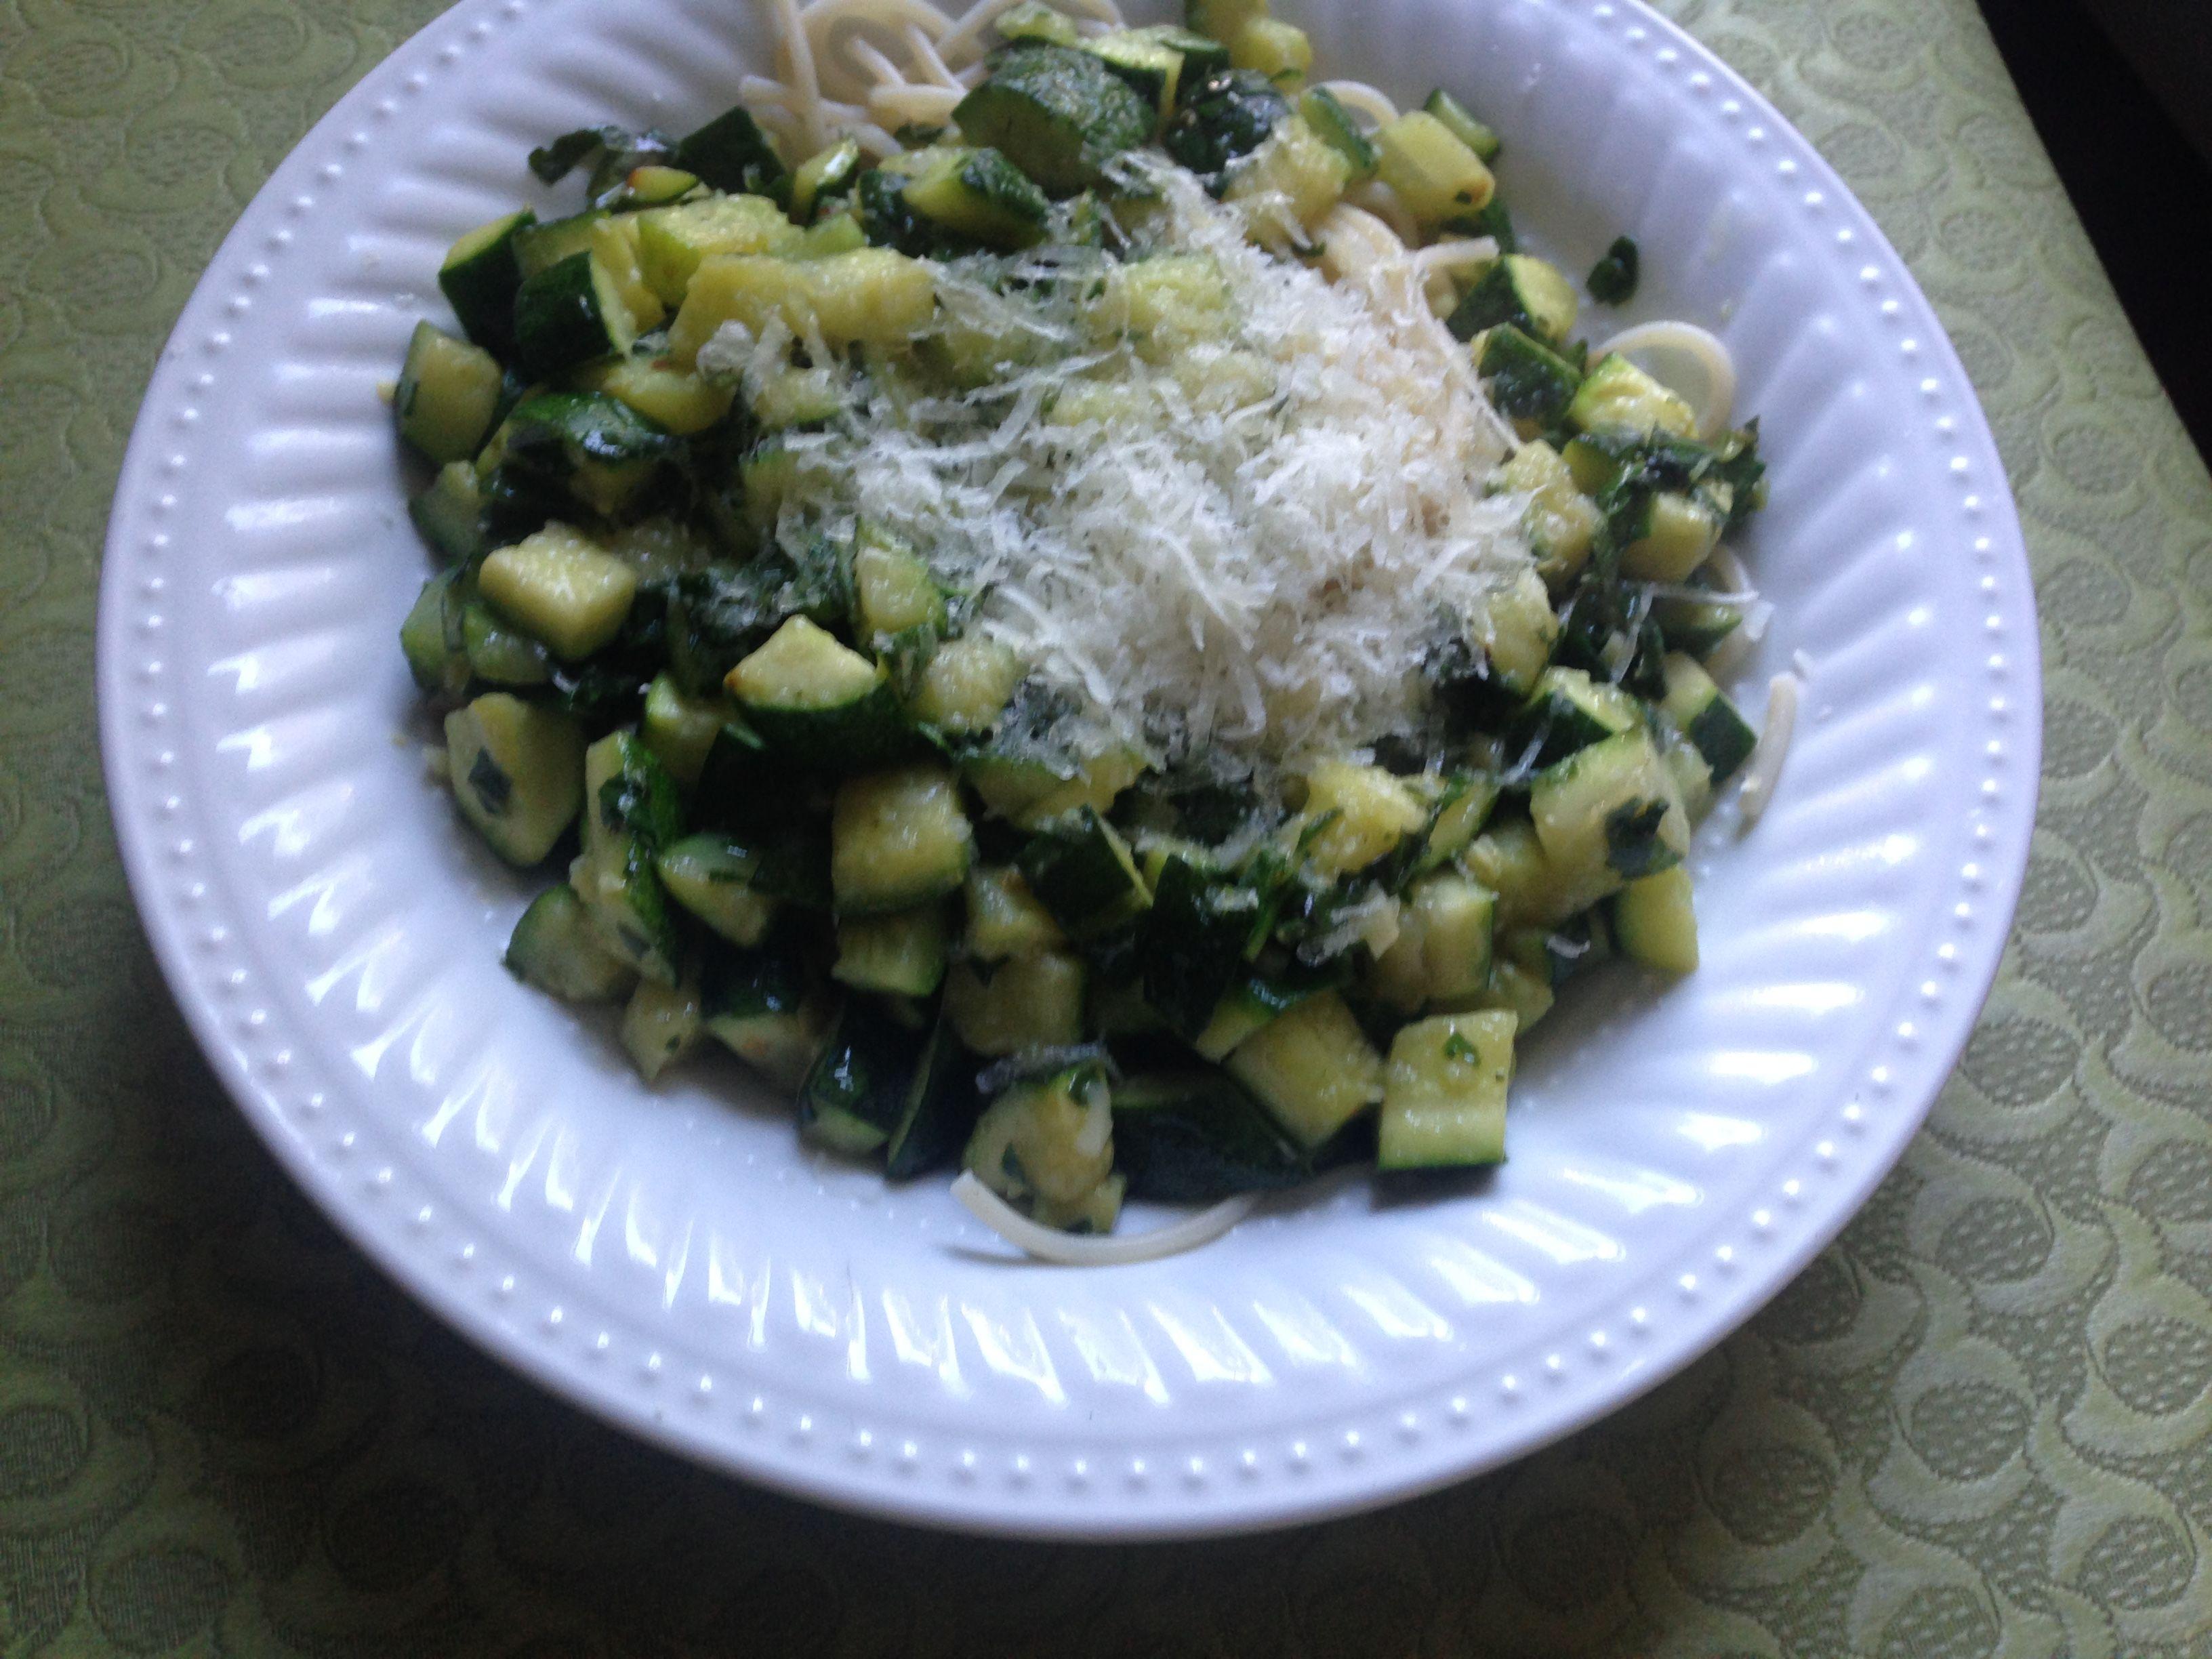 Quick Vegetarian Pasta with Zucchini and Yellow Squash